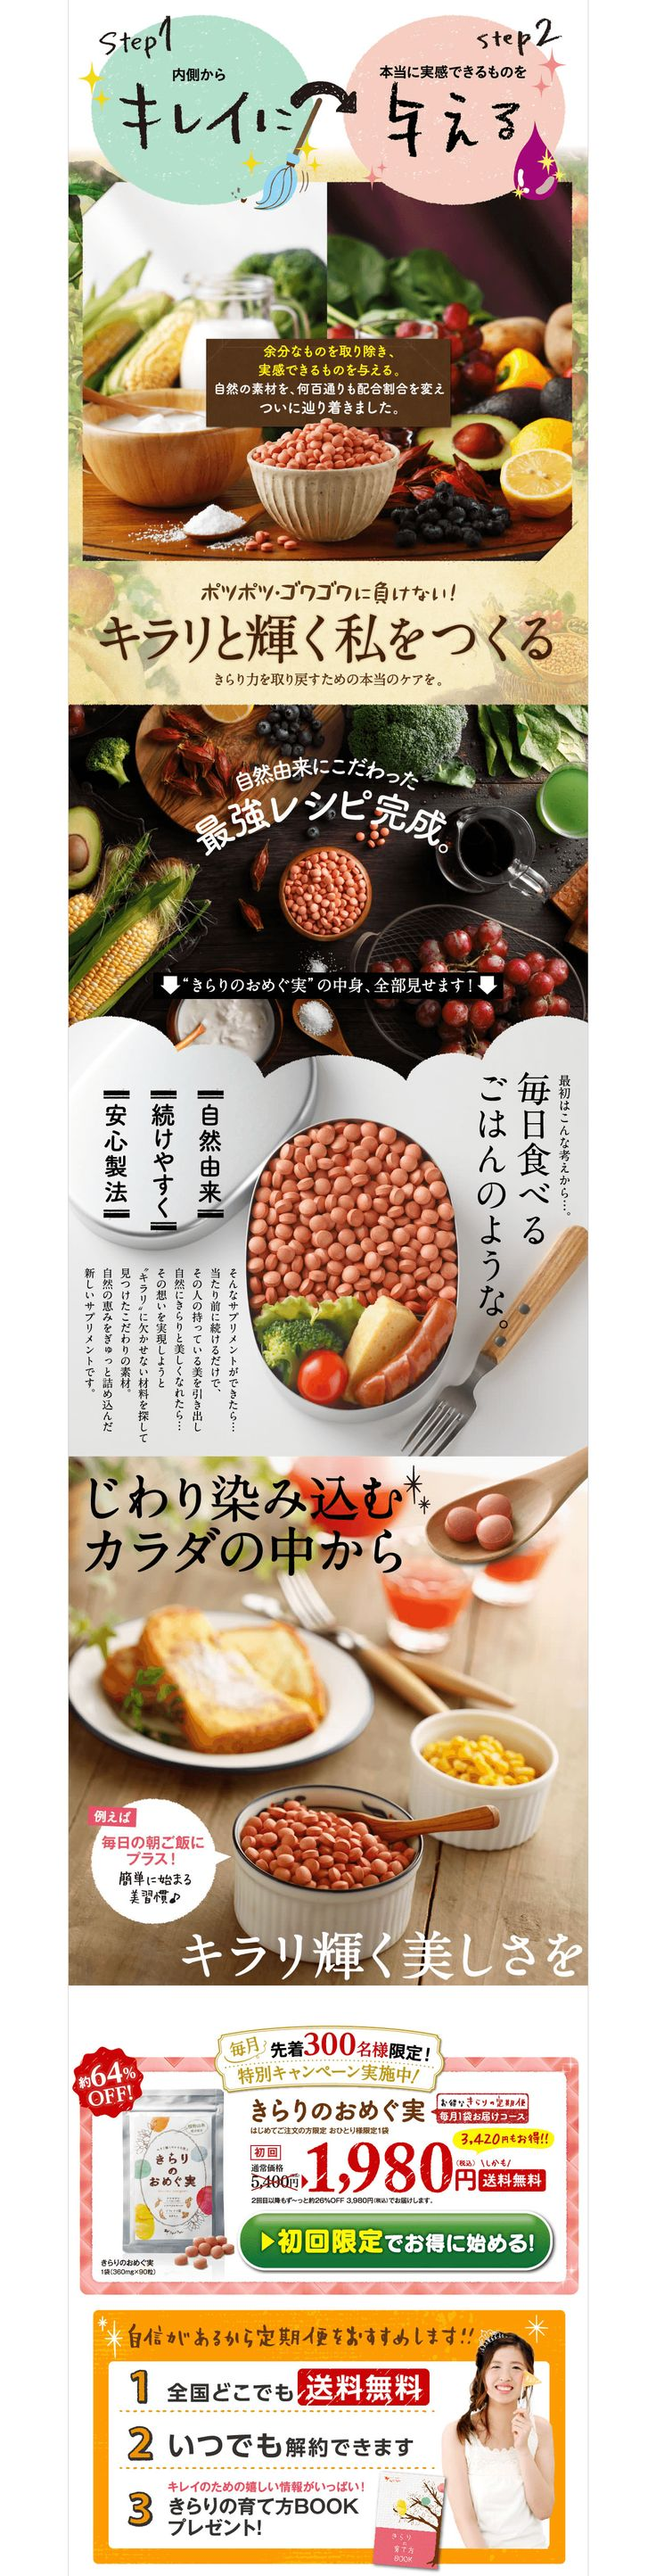 きらりのおめぐ実 美容の為のサプリメント 3/7 http://fanfare-shop.com/kirari/lp/